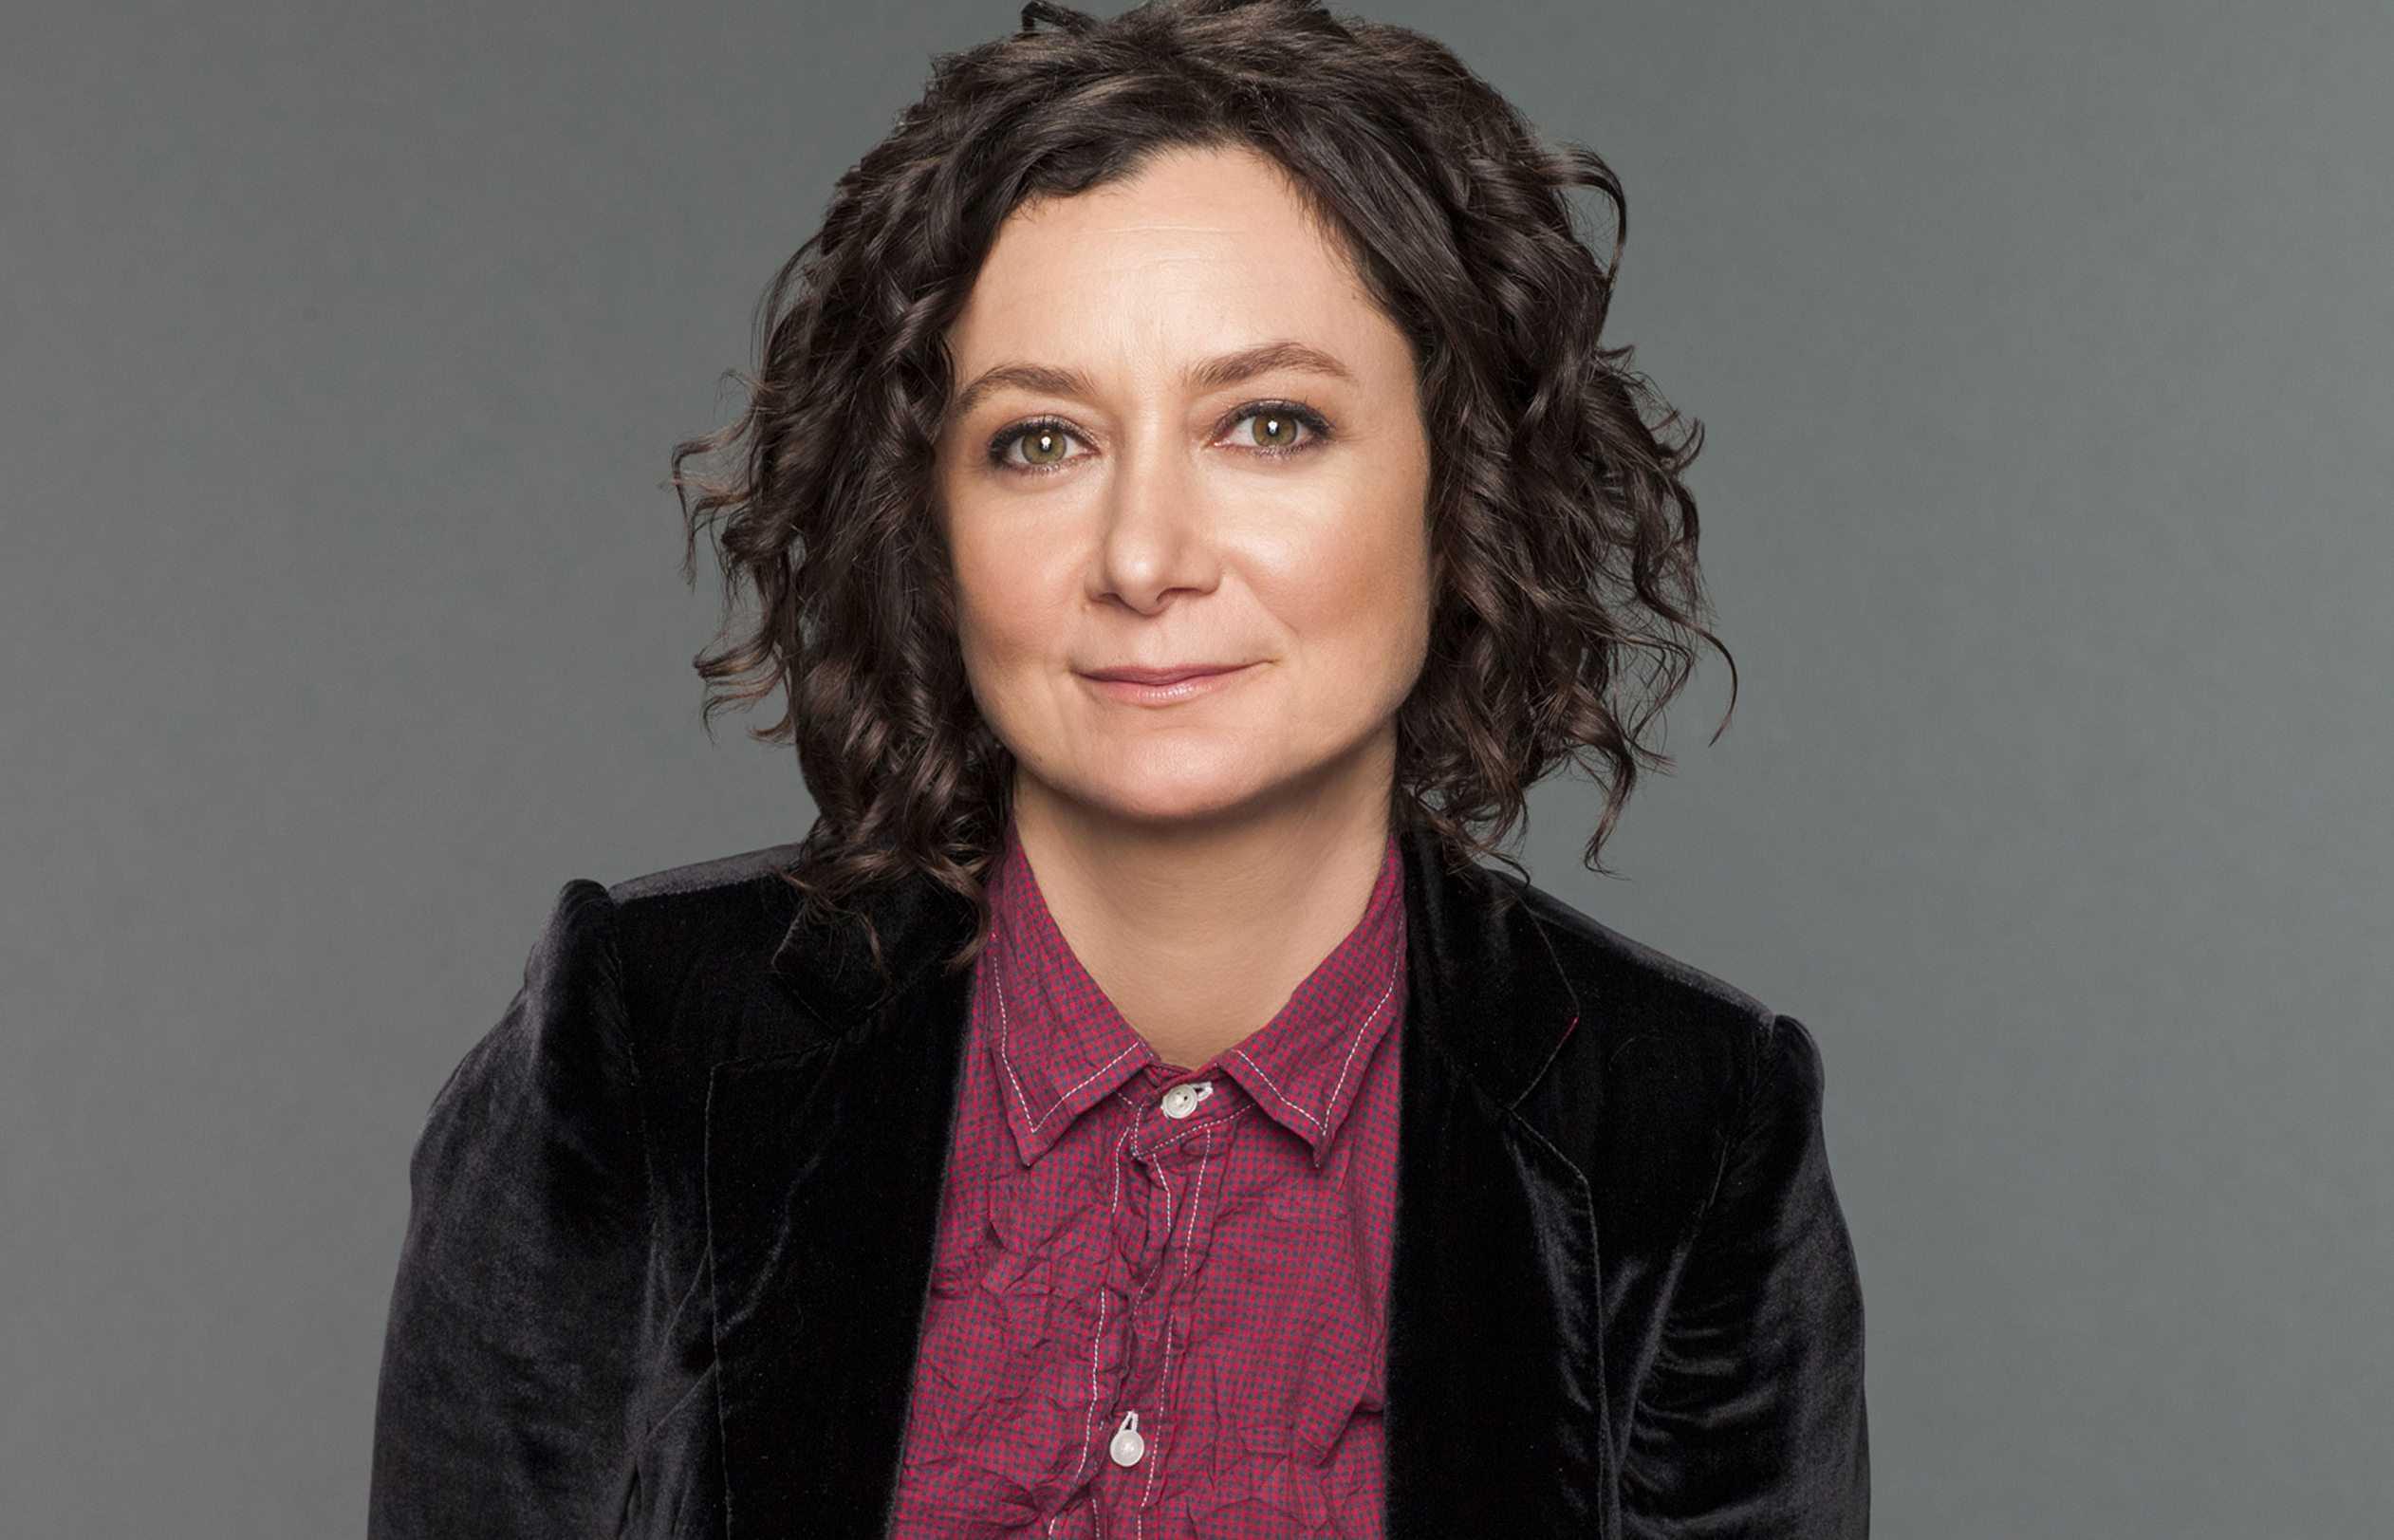 Sara Gilbert Career